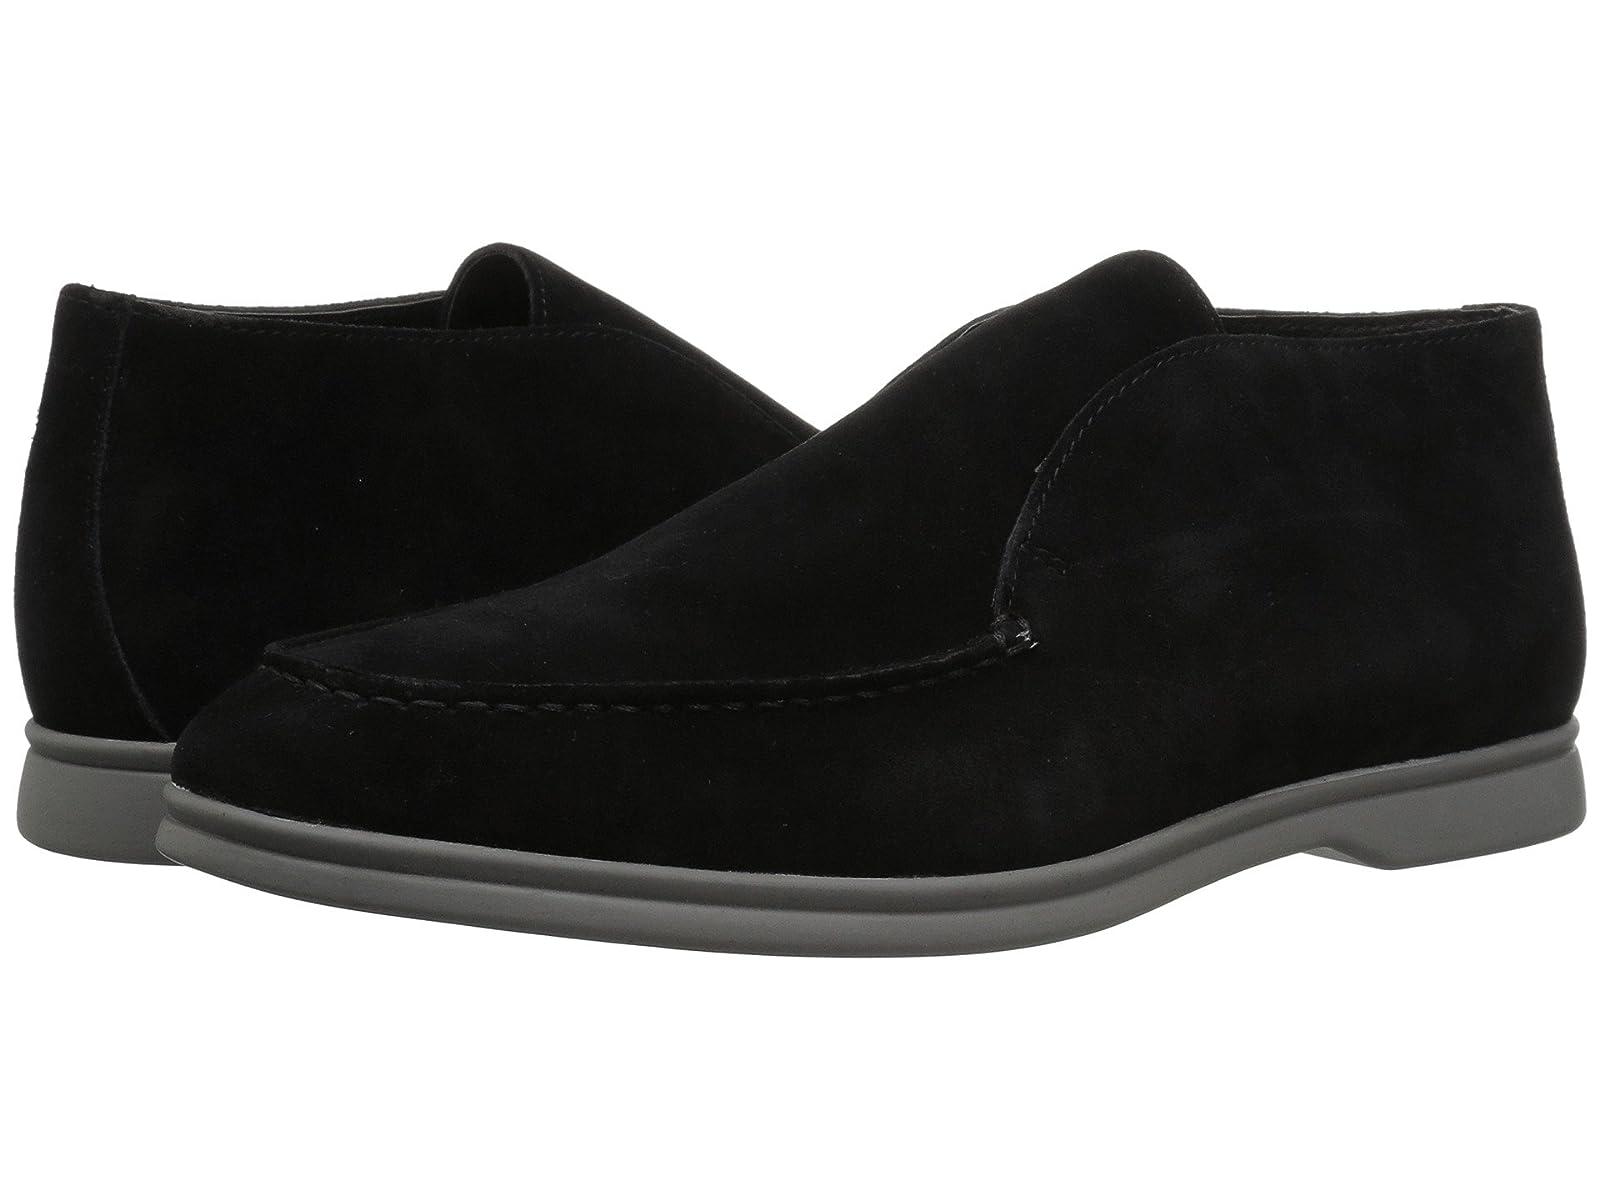 Steve Madden LostAtmospheric grades have affordable shoes